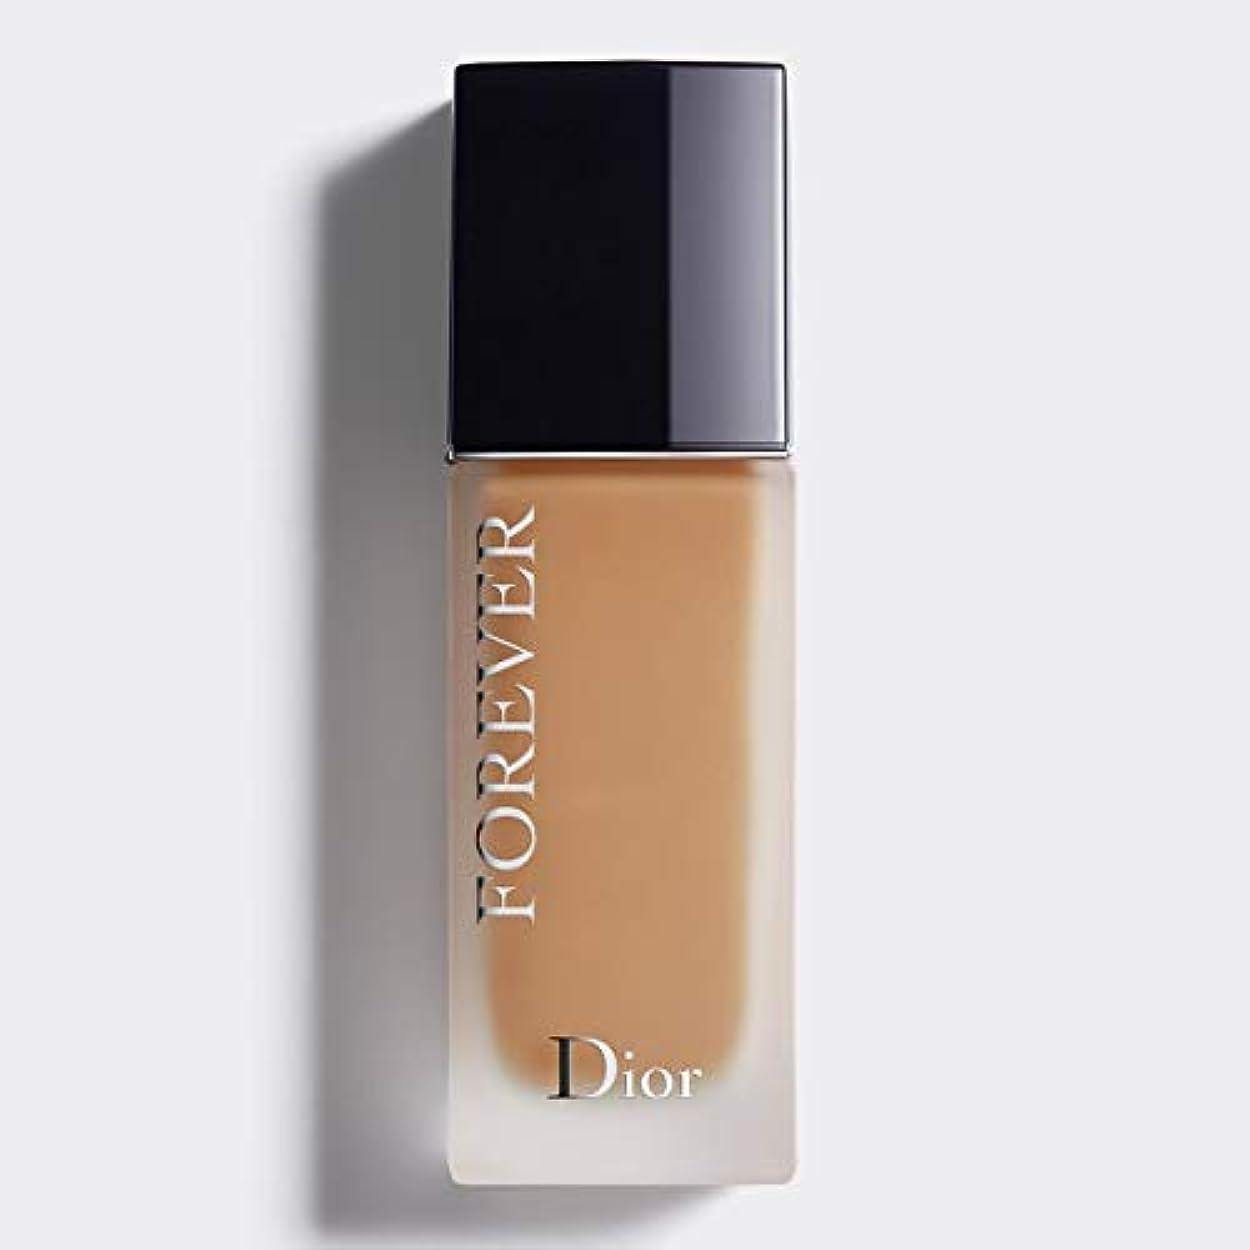 ジョリー言い換えると暴露するクリスチャンディオール Dior Forever 24H Wear High Perfection Foundation SPF 35 - # 4W (Warm) 30ml/1oz並行輸入品